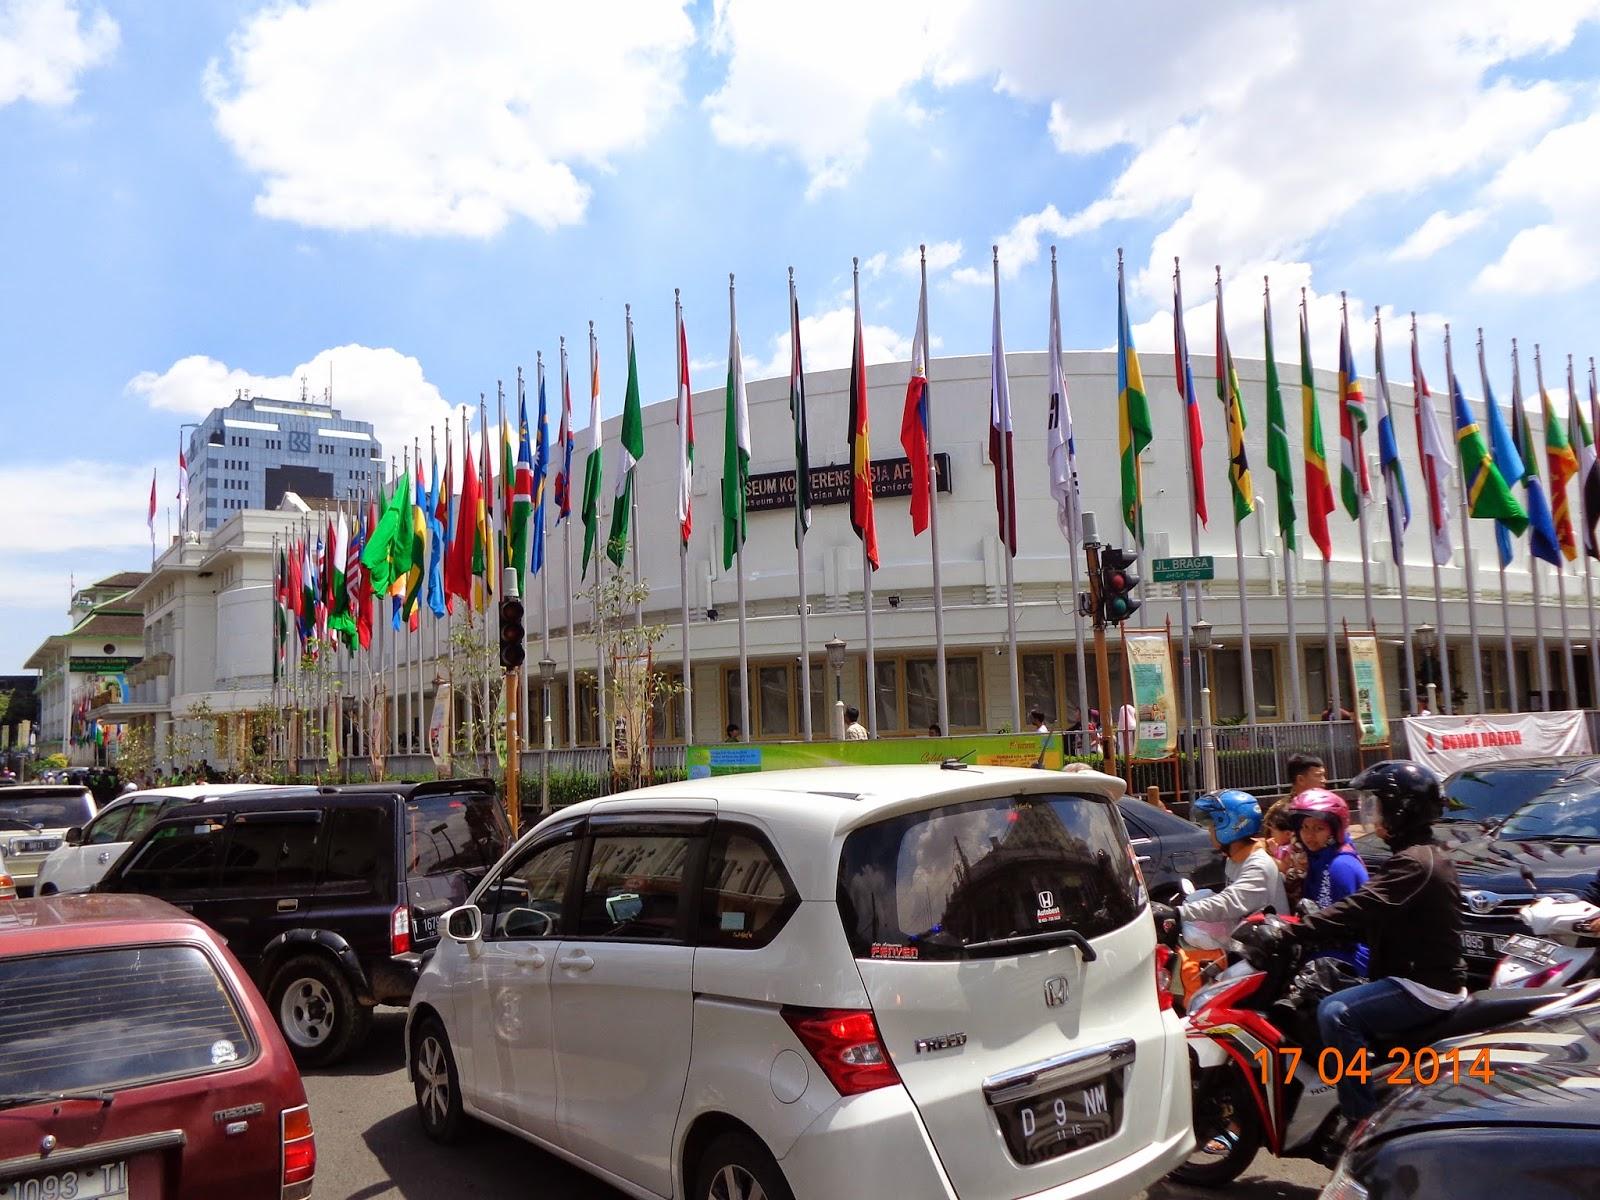 Buka Kaa 59 Ratusan Bendera Negara Dikibarkan Serentak Seputar Sjo